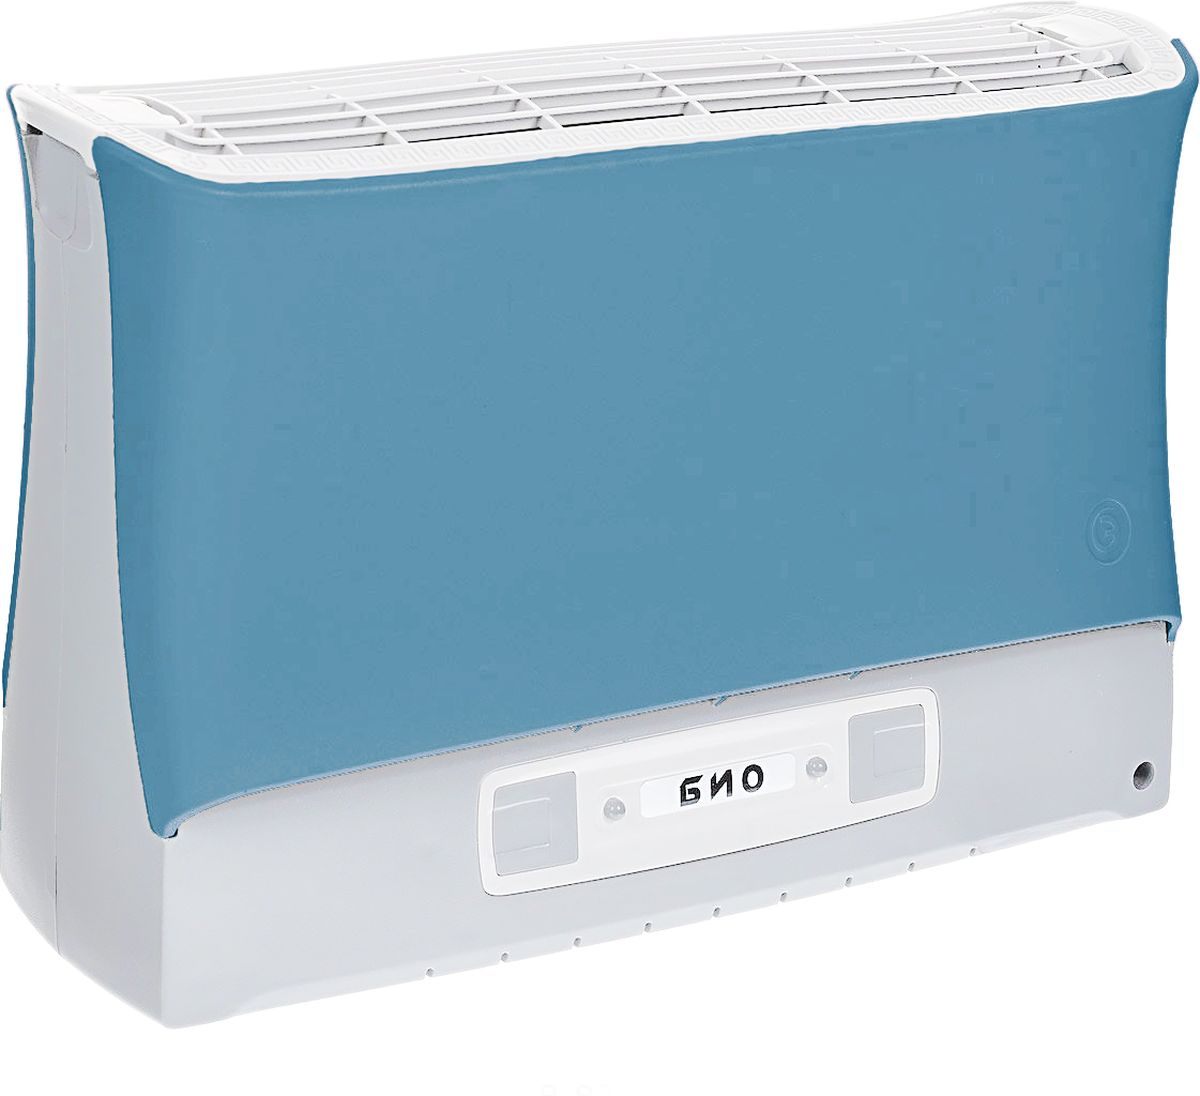 Супер Плюс Био очиститель воздуха, цвет синий